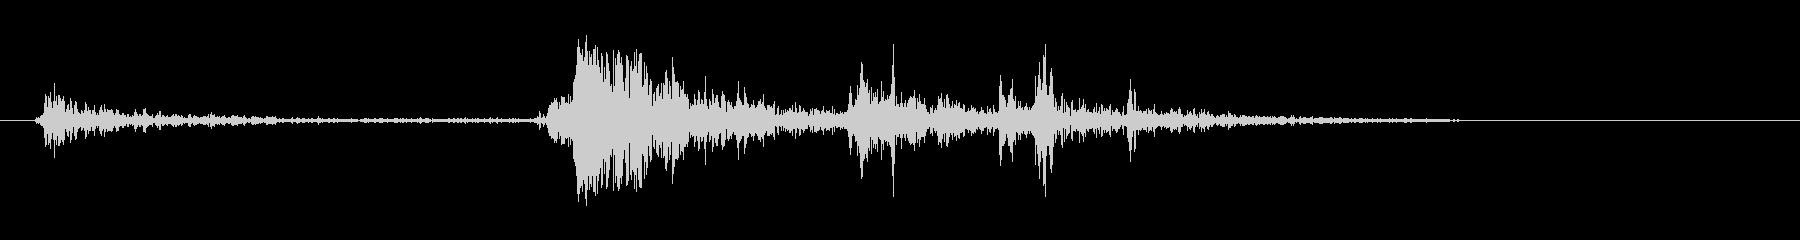 カチャッという高い音の効果音の未再生の波形